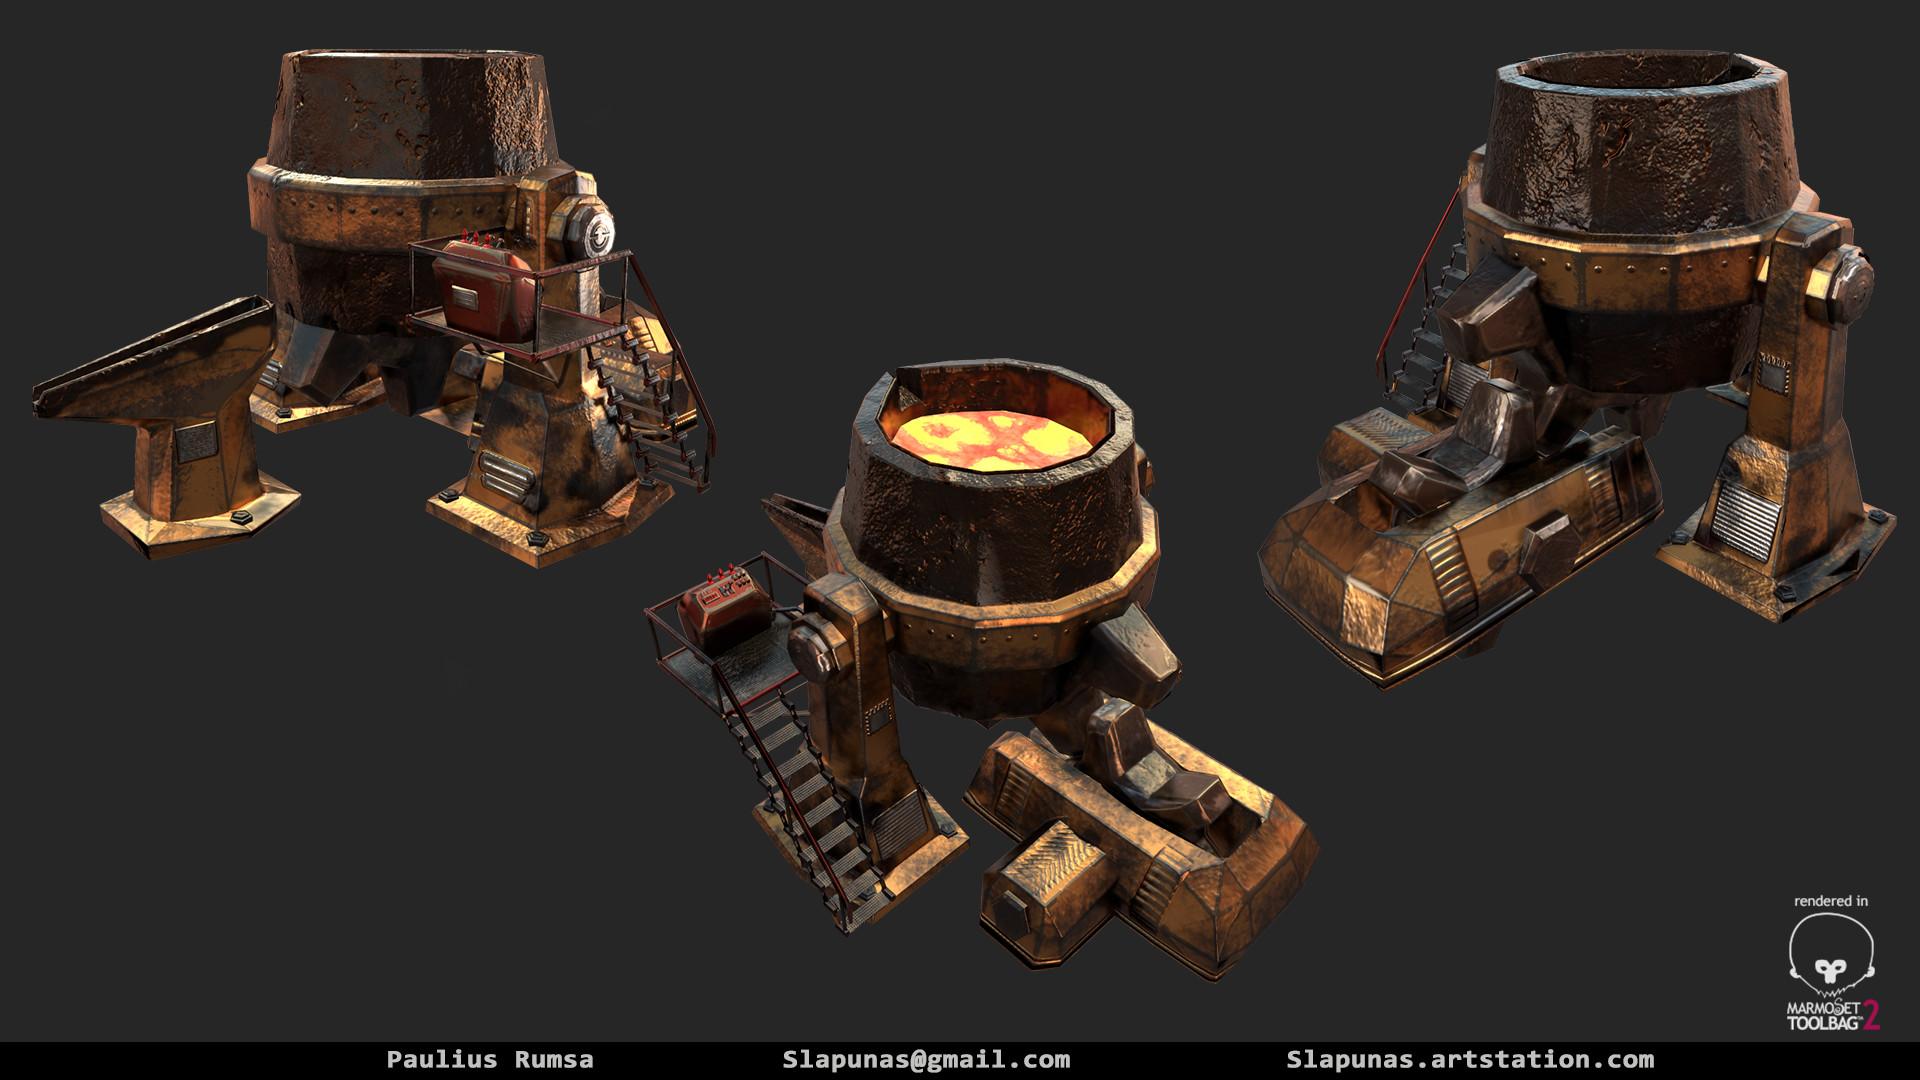 Paulius rumsa metal furnace1